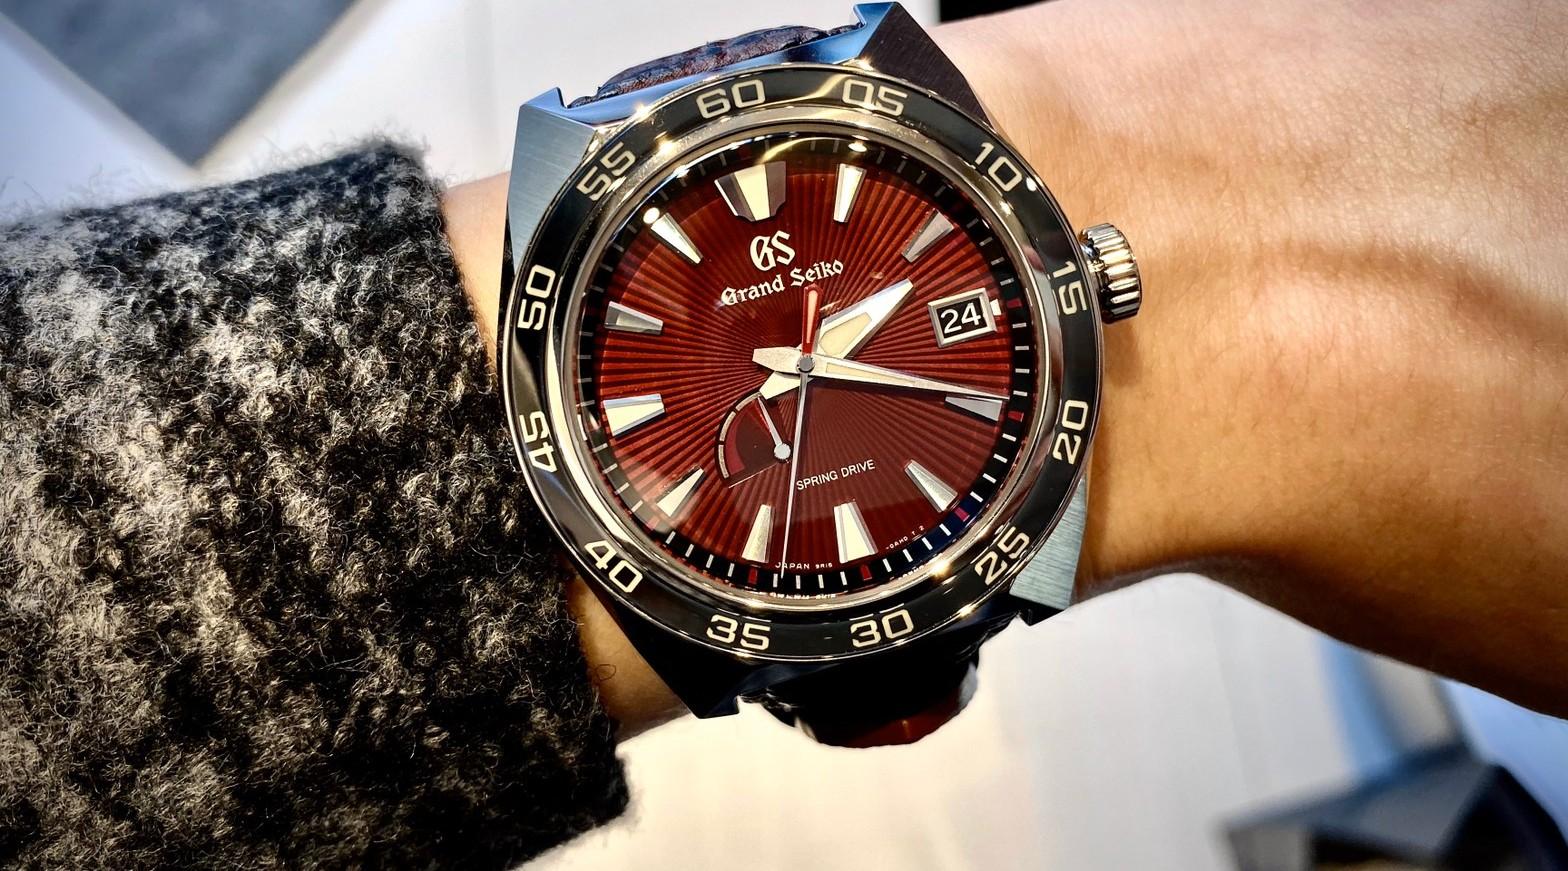 傳奇巨獸震撼現身:Grand Seiko X 哥吉拉 65周年聯名限量錶款